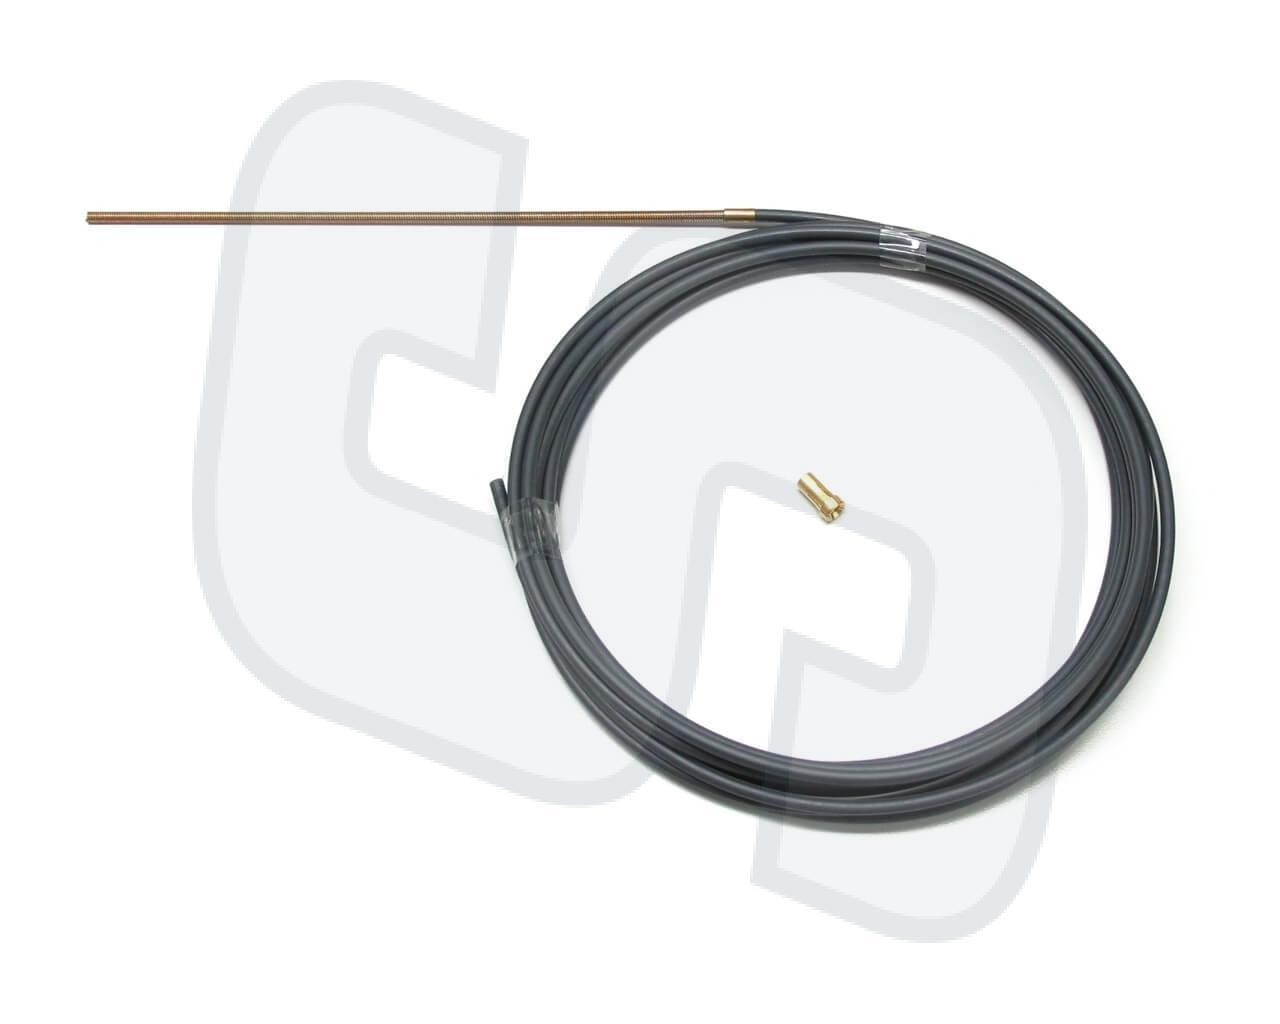 AVS-KIT HP Stahl, Edelstahl (0.8/1.0mm) 4m